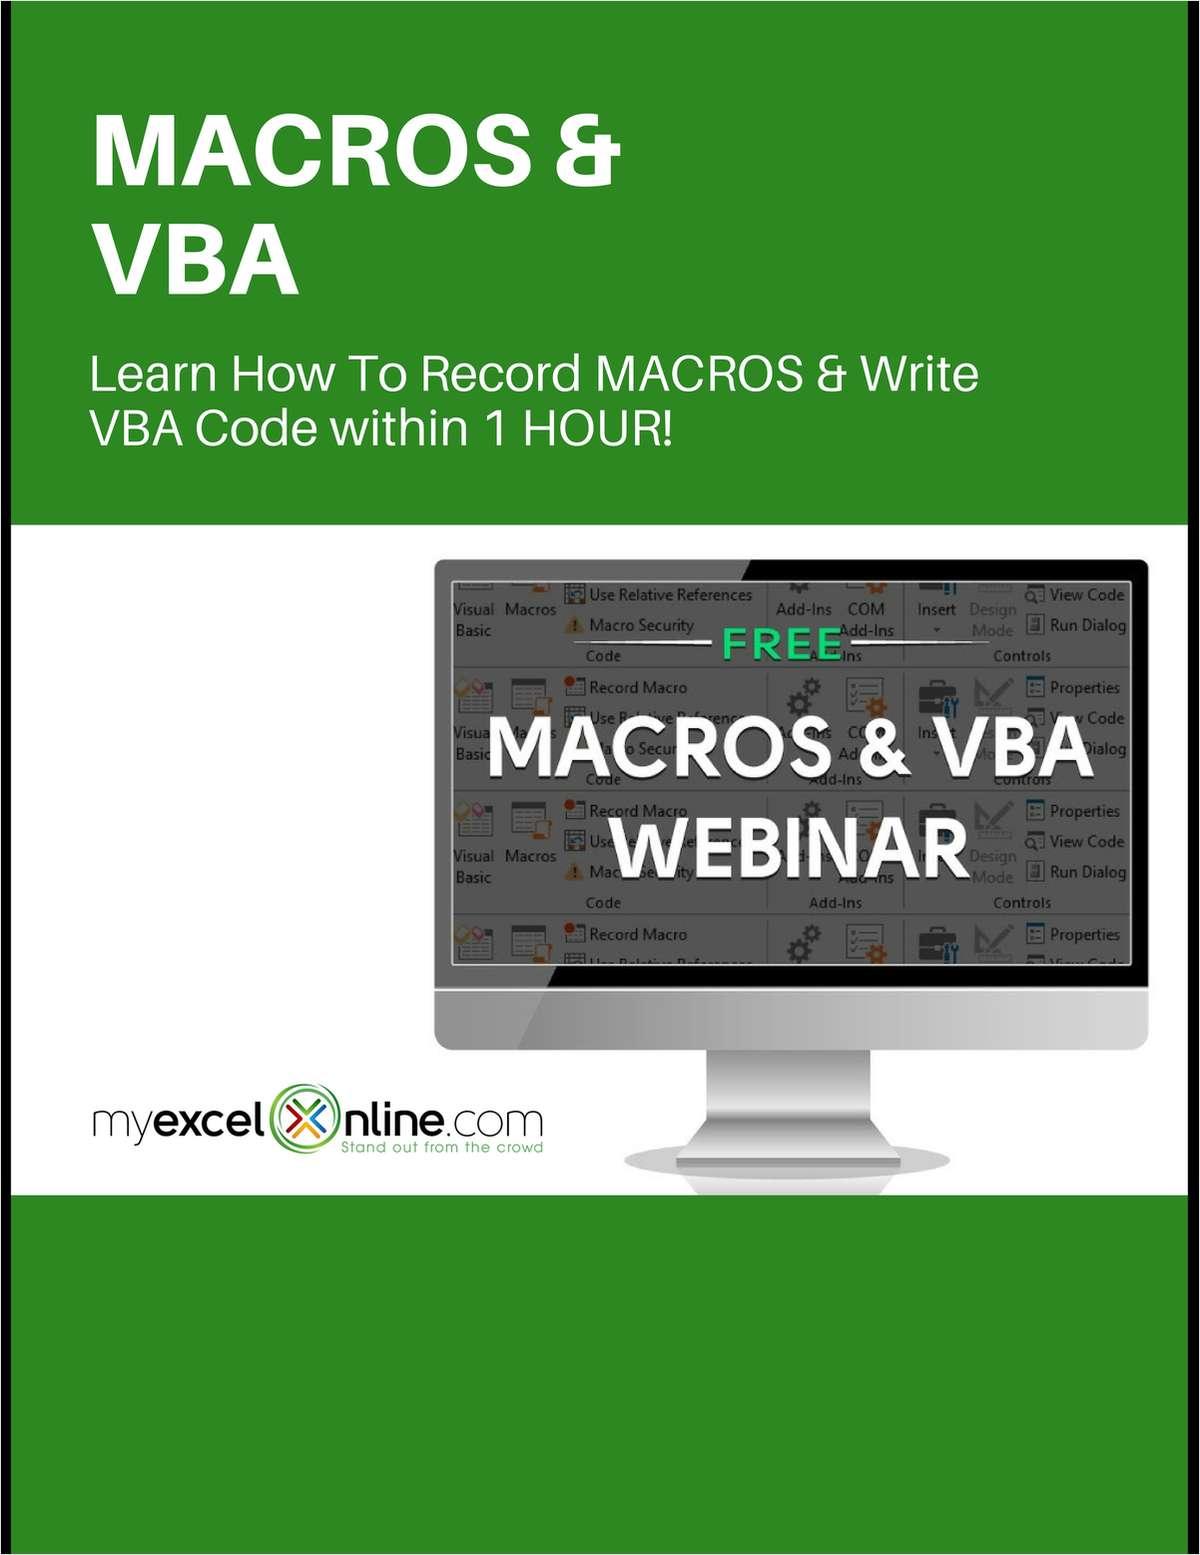 Macros & VBA Training - Free Excel Webinar